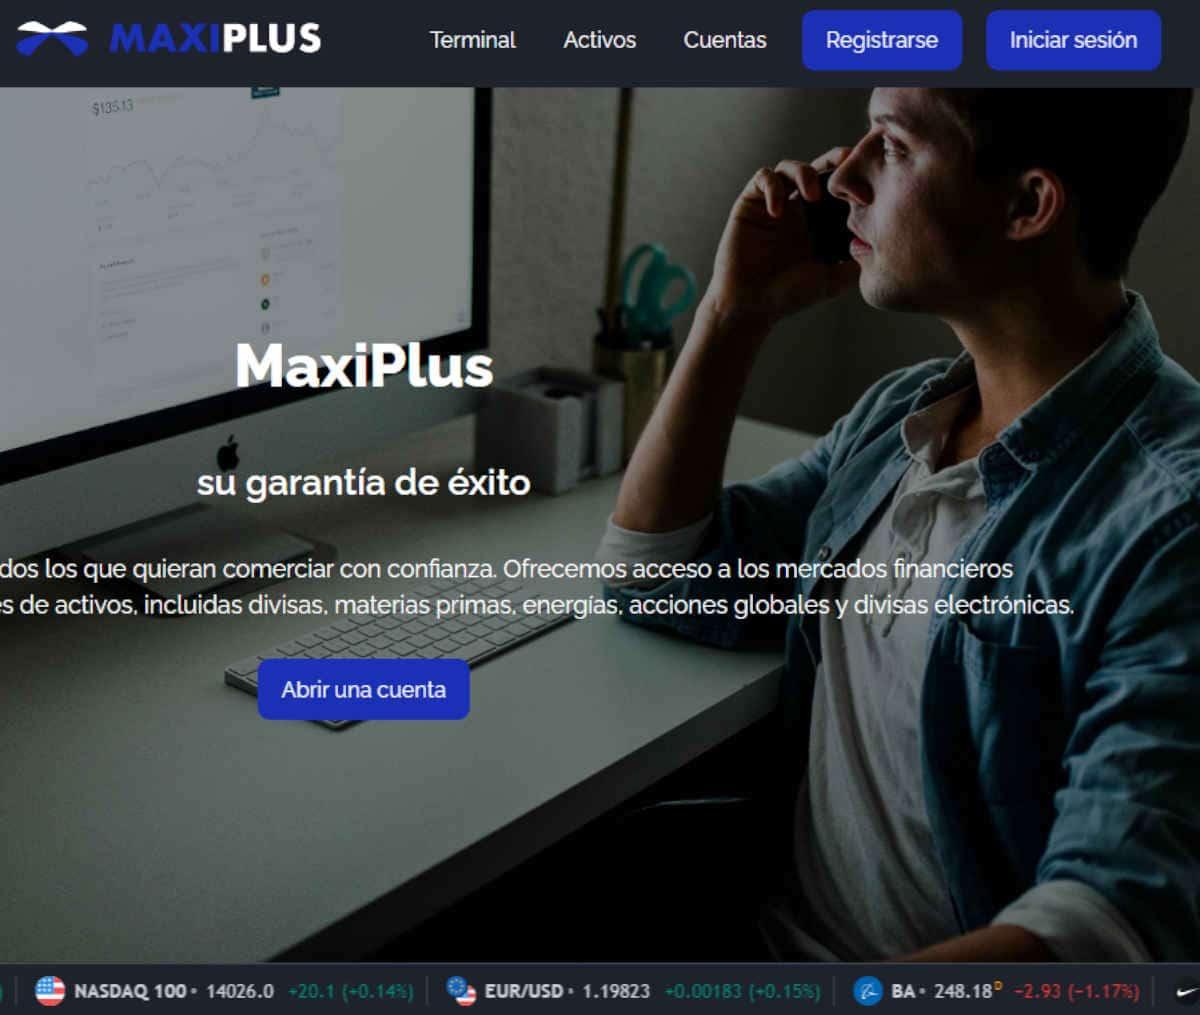 Página web de Maxiplus